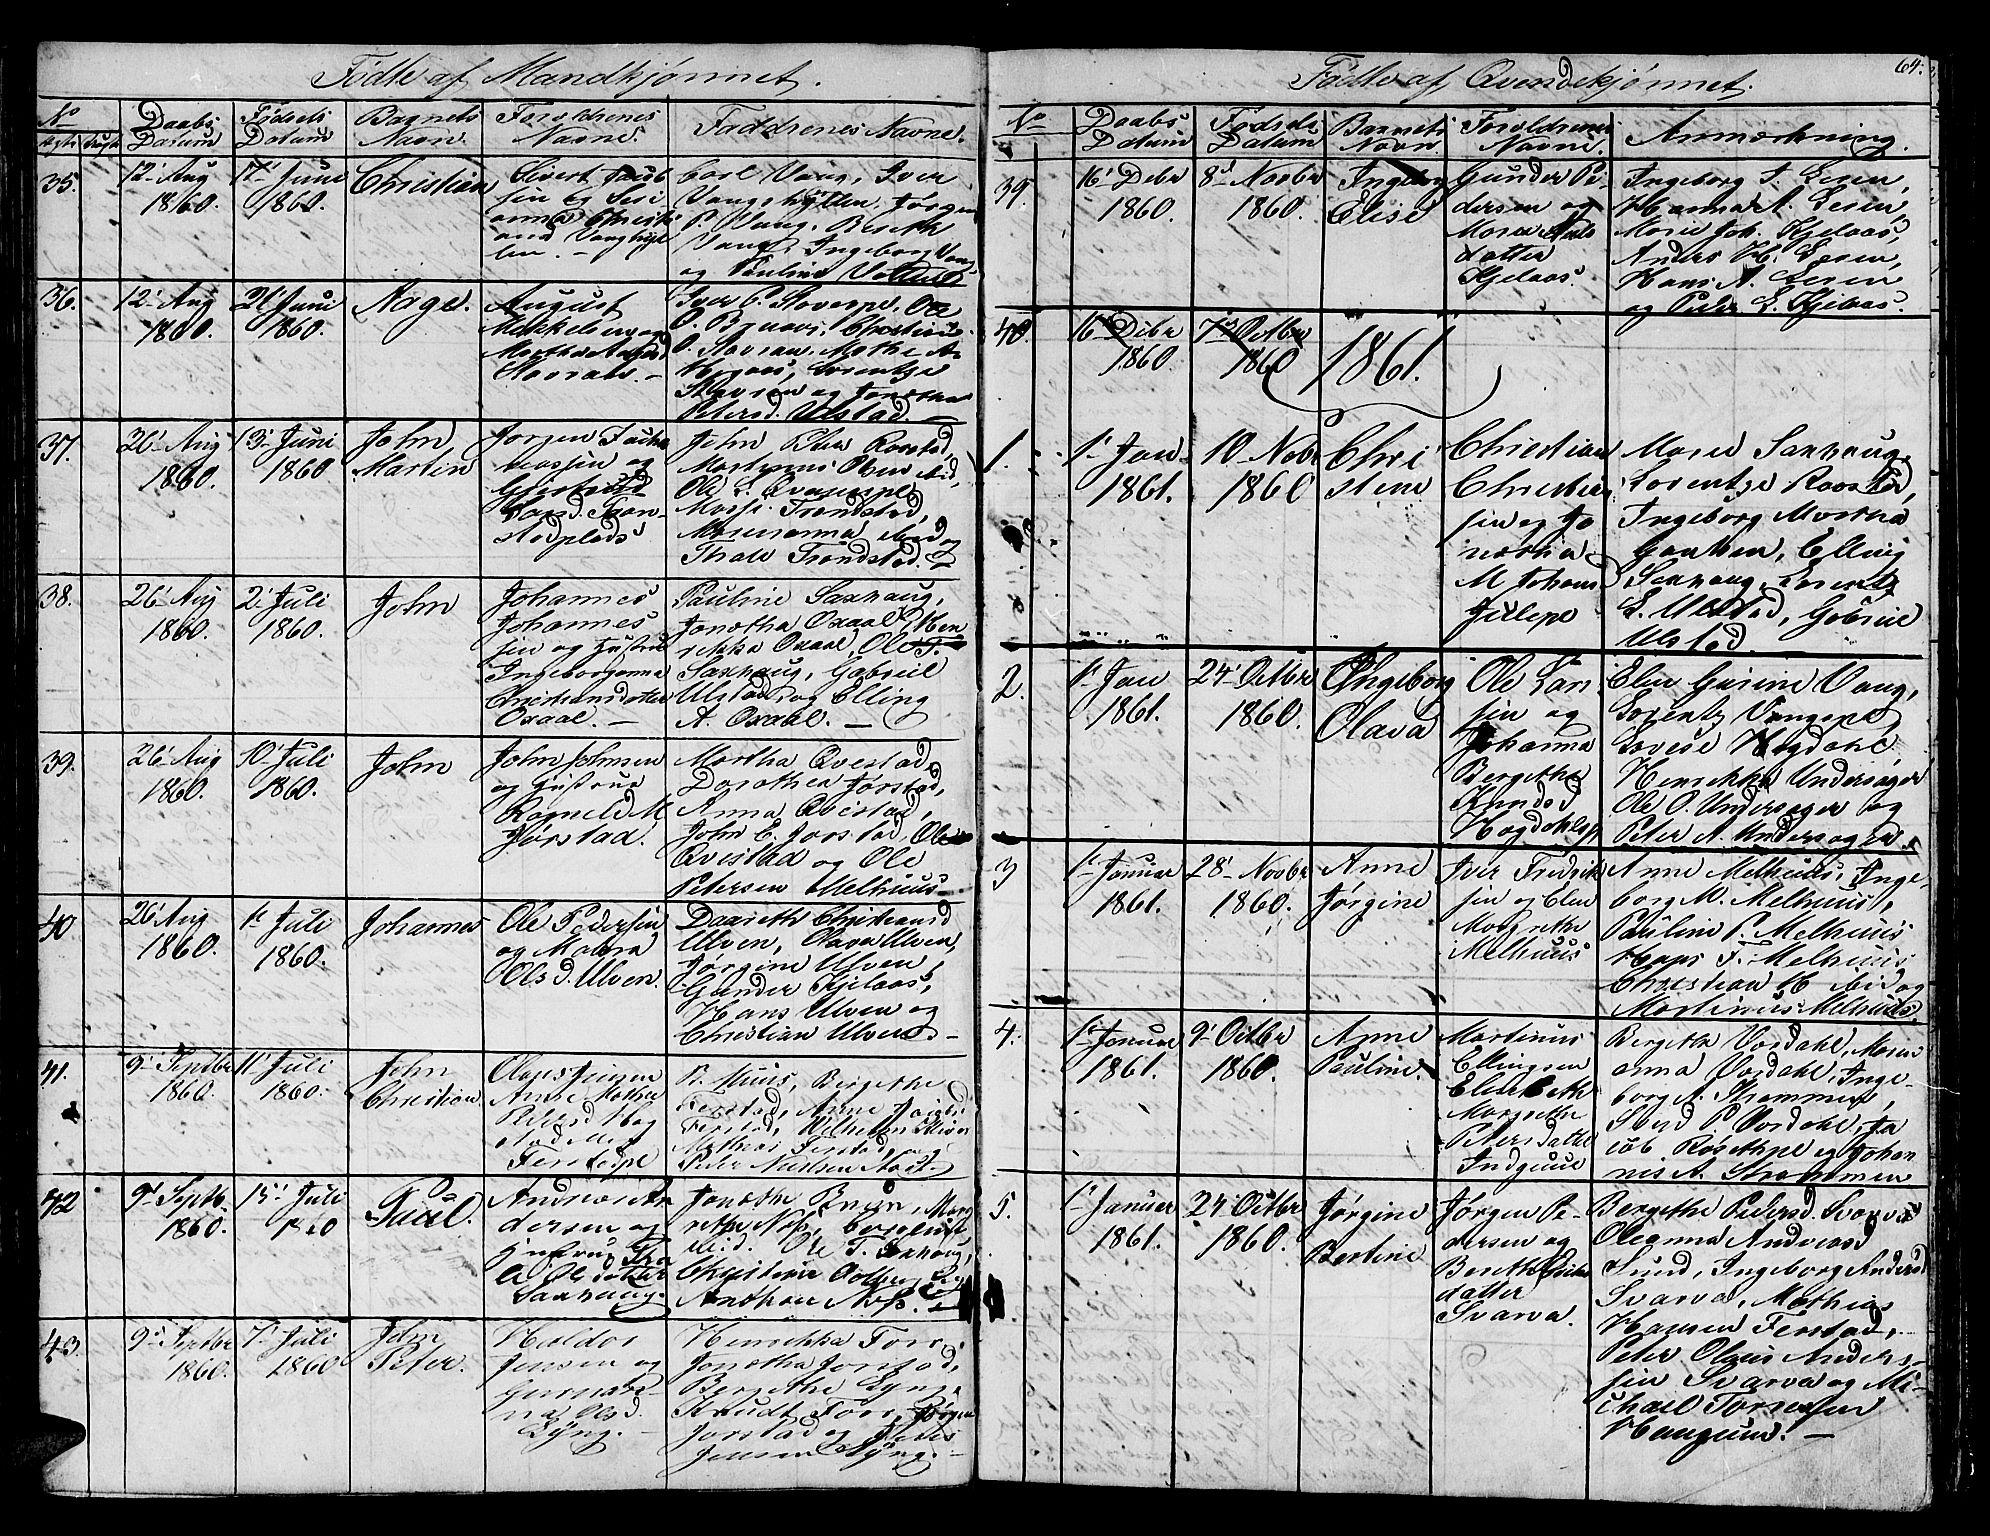 SAT, Ministerialprotokoller, klokkerbøker og fødselsregistre - Nord-Trøndelag, 730/L0299: Klokkerbok nr. 730C02, 1849-1871, s. 64